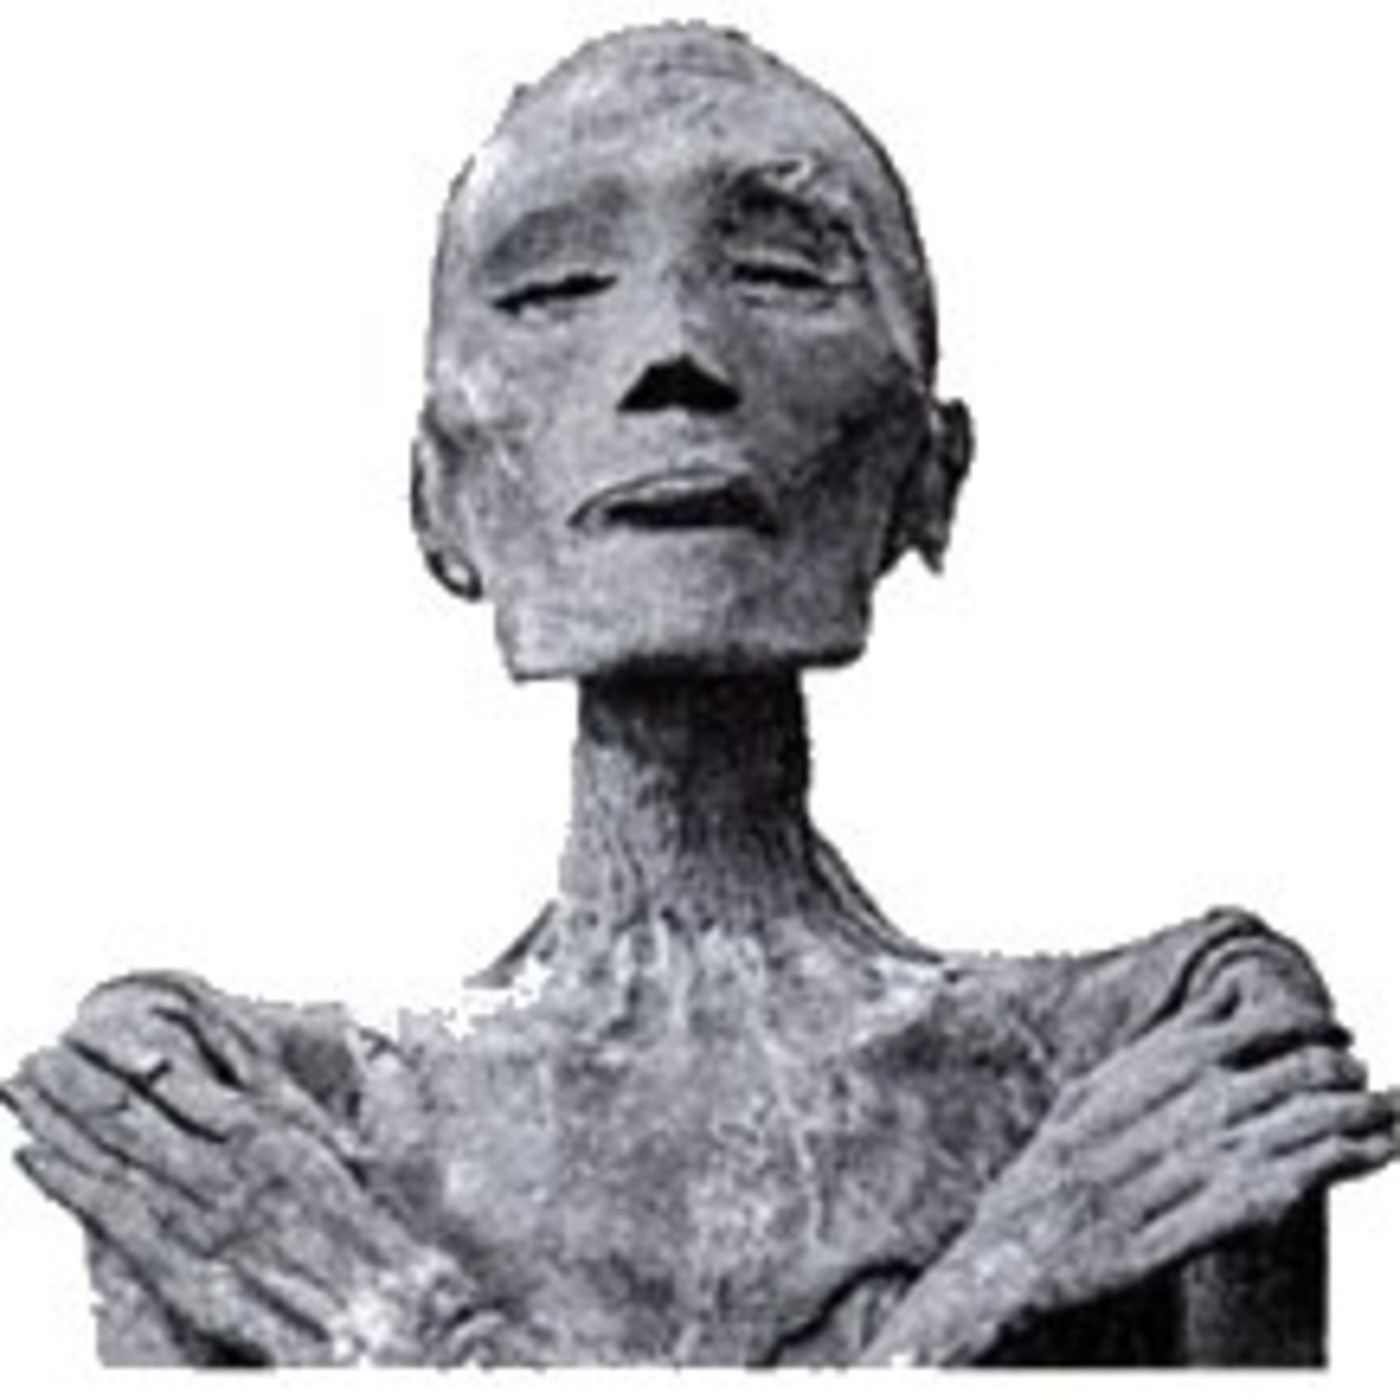 Momias, quitando la venda: La muerte de un rey